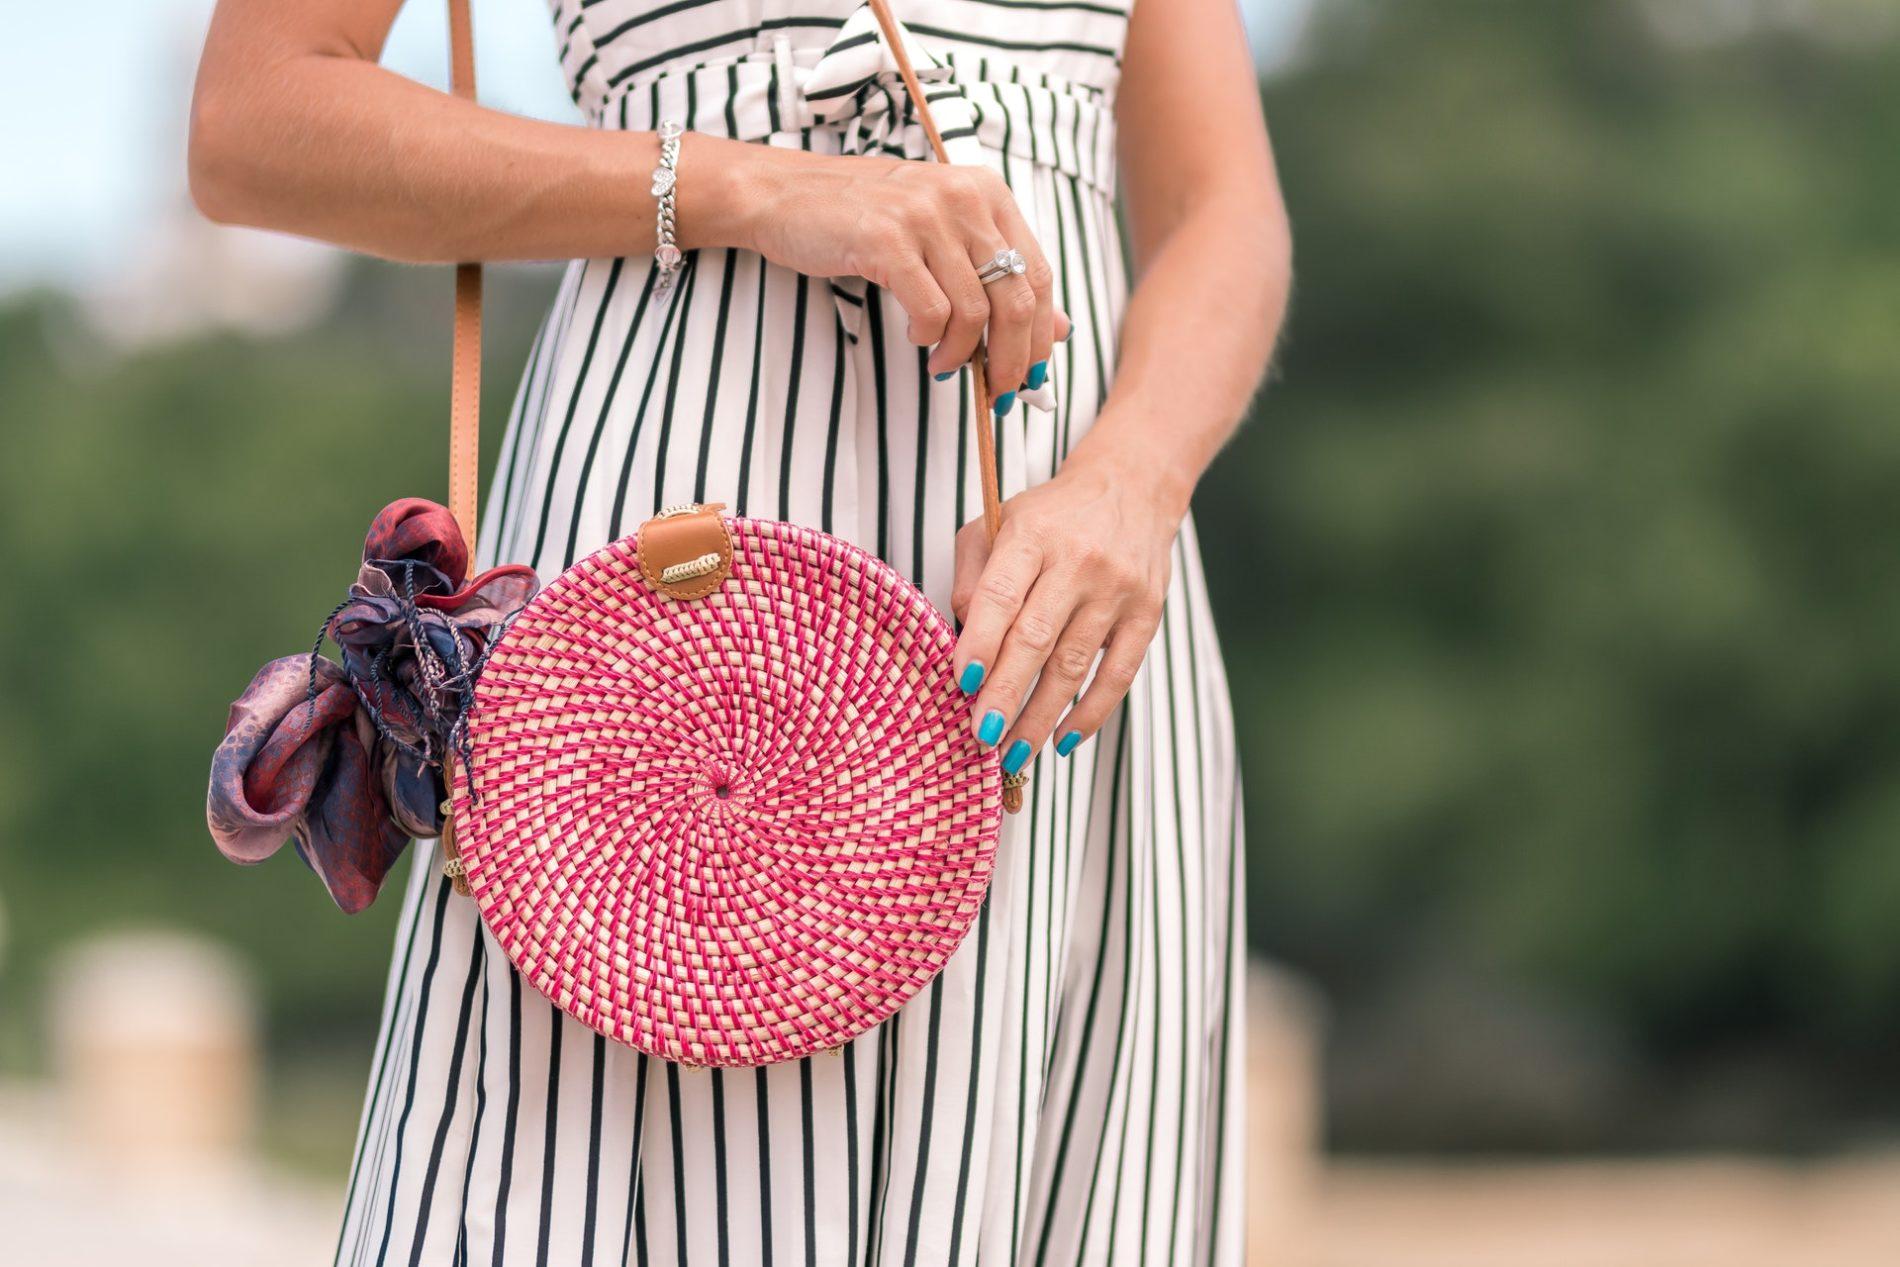 borse donna di tendenza per la primavera estate 2019